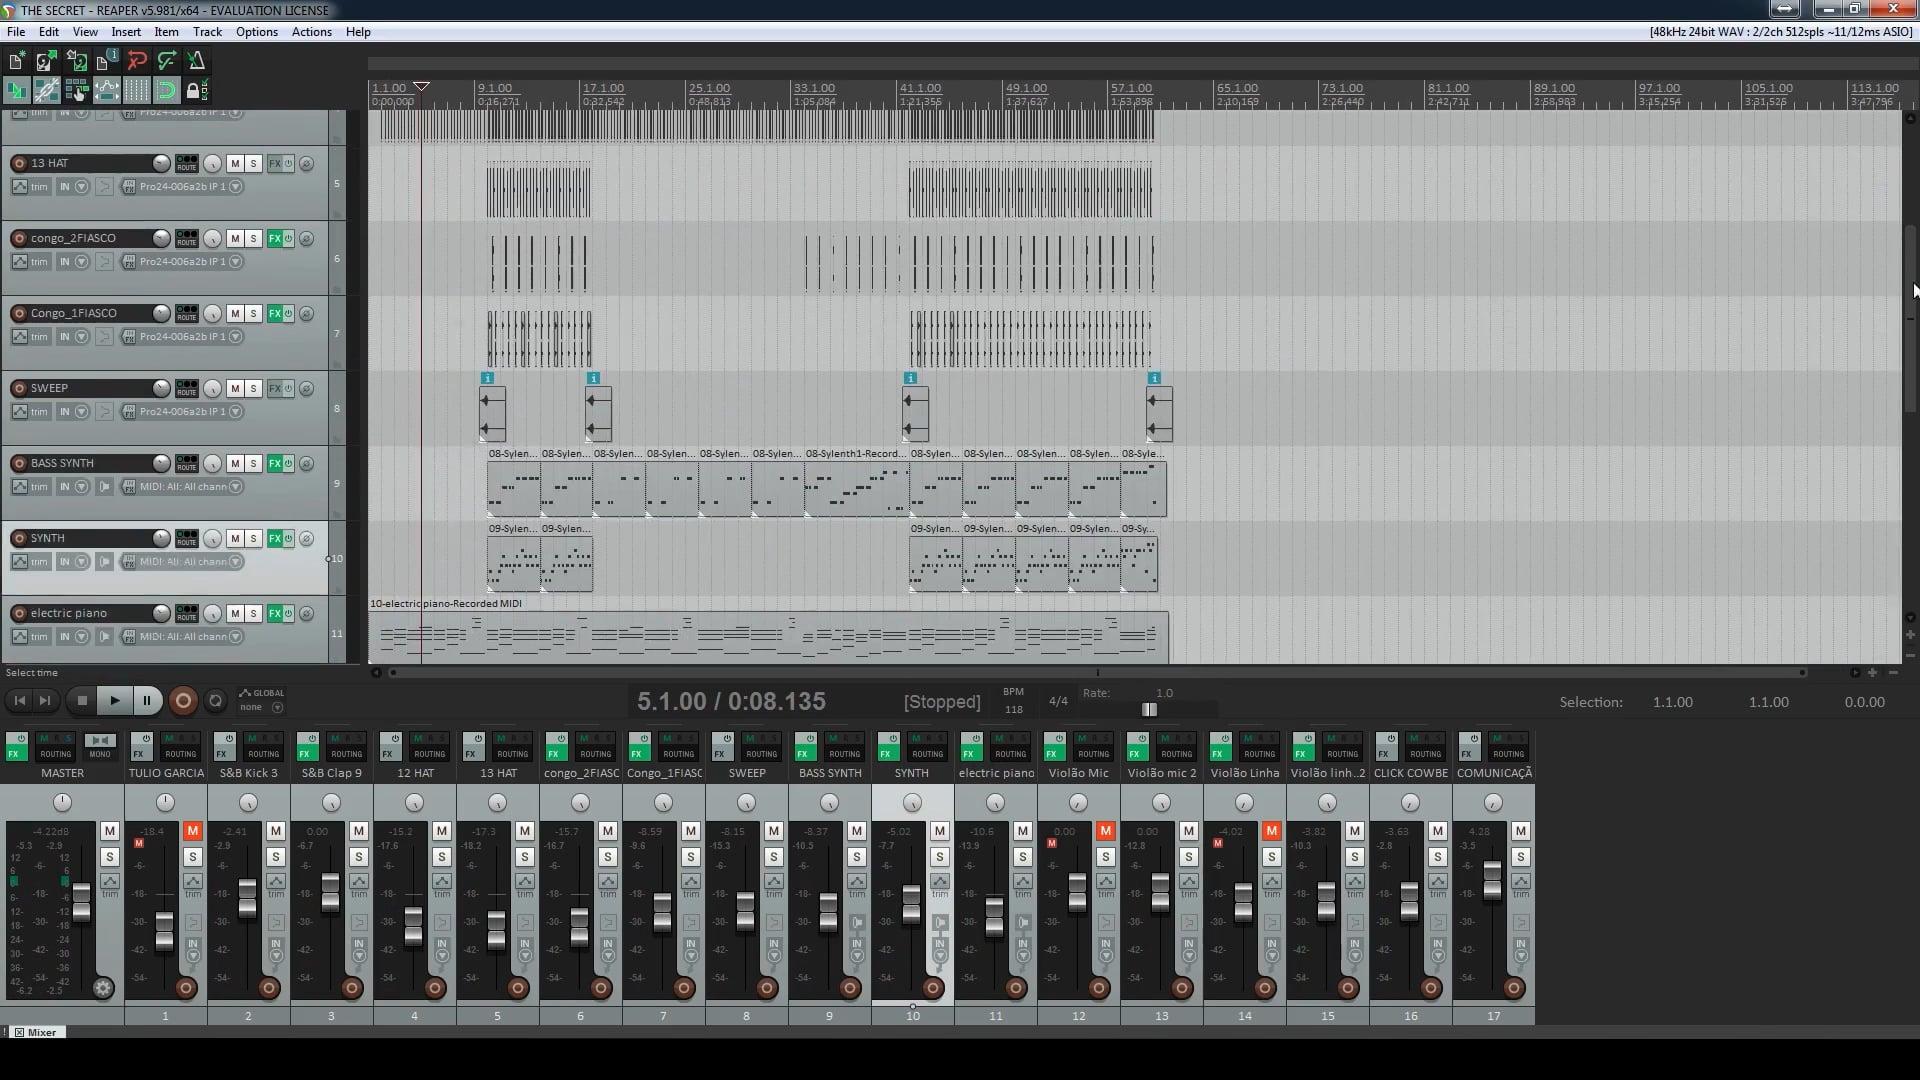 Projeto Aberto de Reprodução - Exportando Trilhas da música The Secret